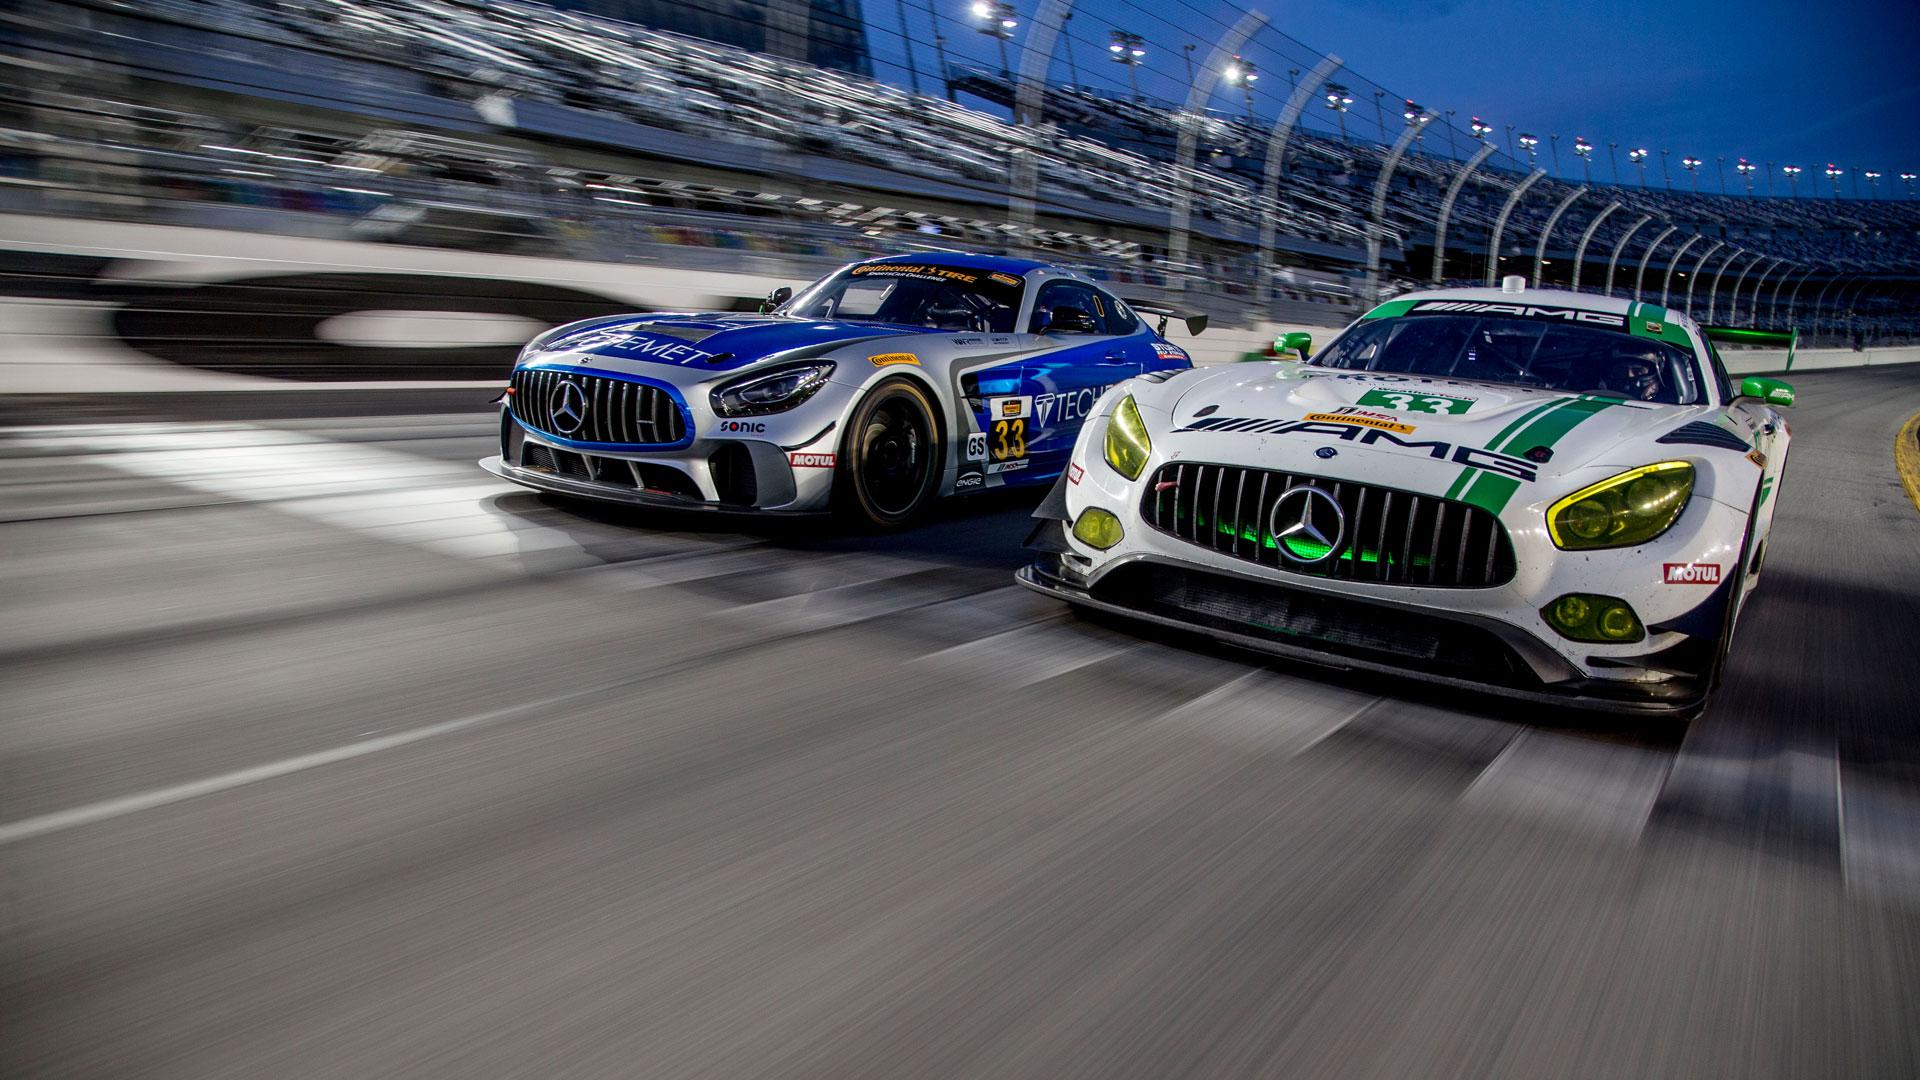 motorsport dtm amg racing mercedes hd customer motorsports engines start